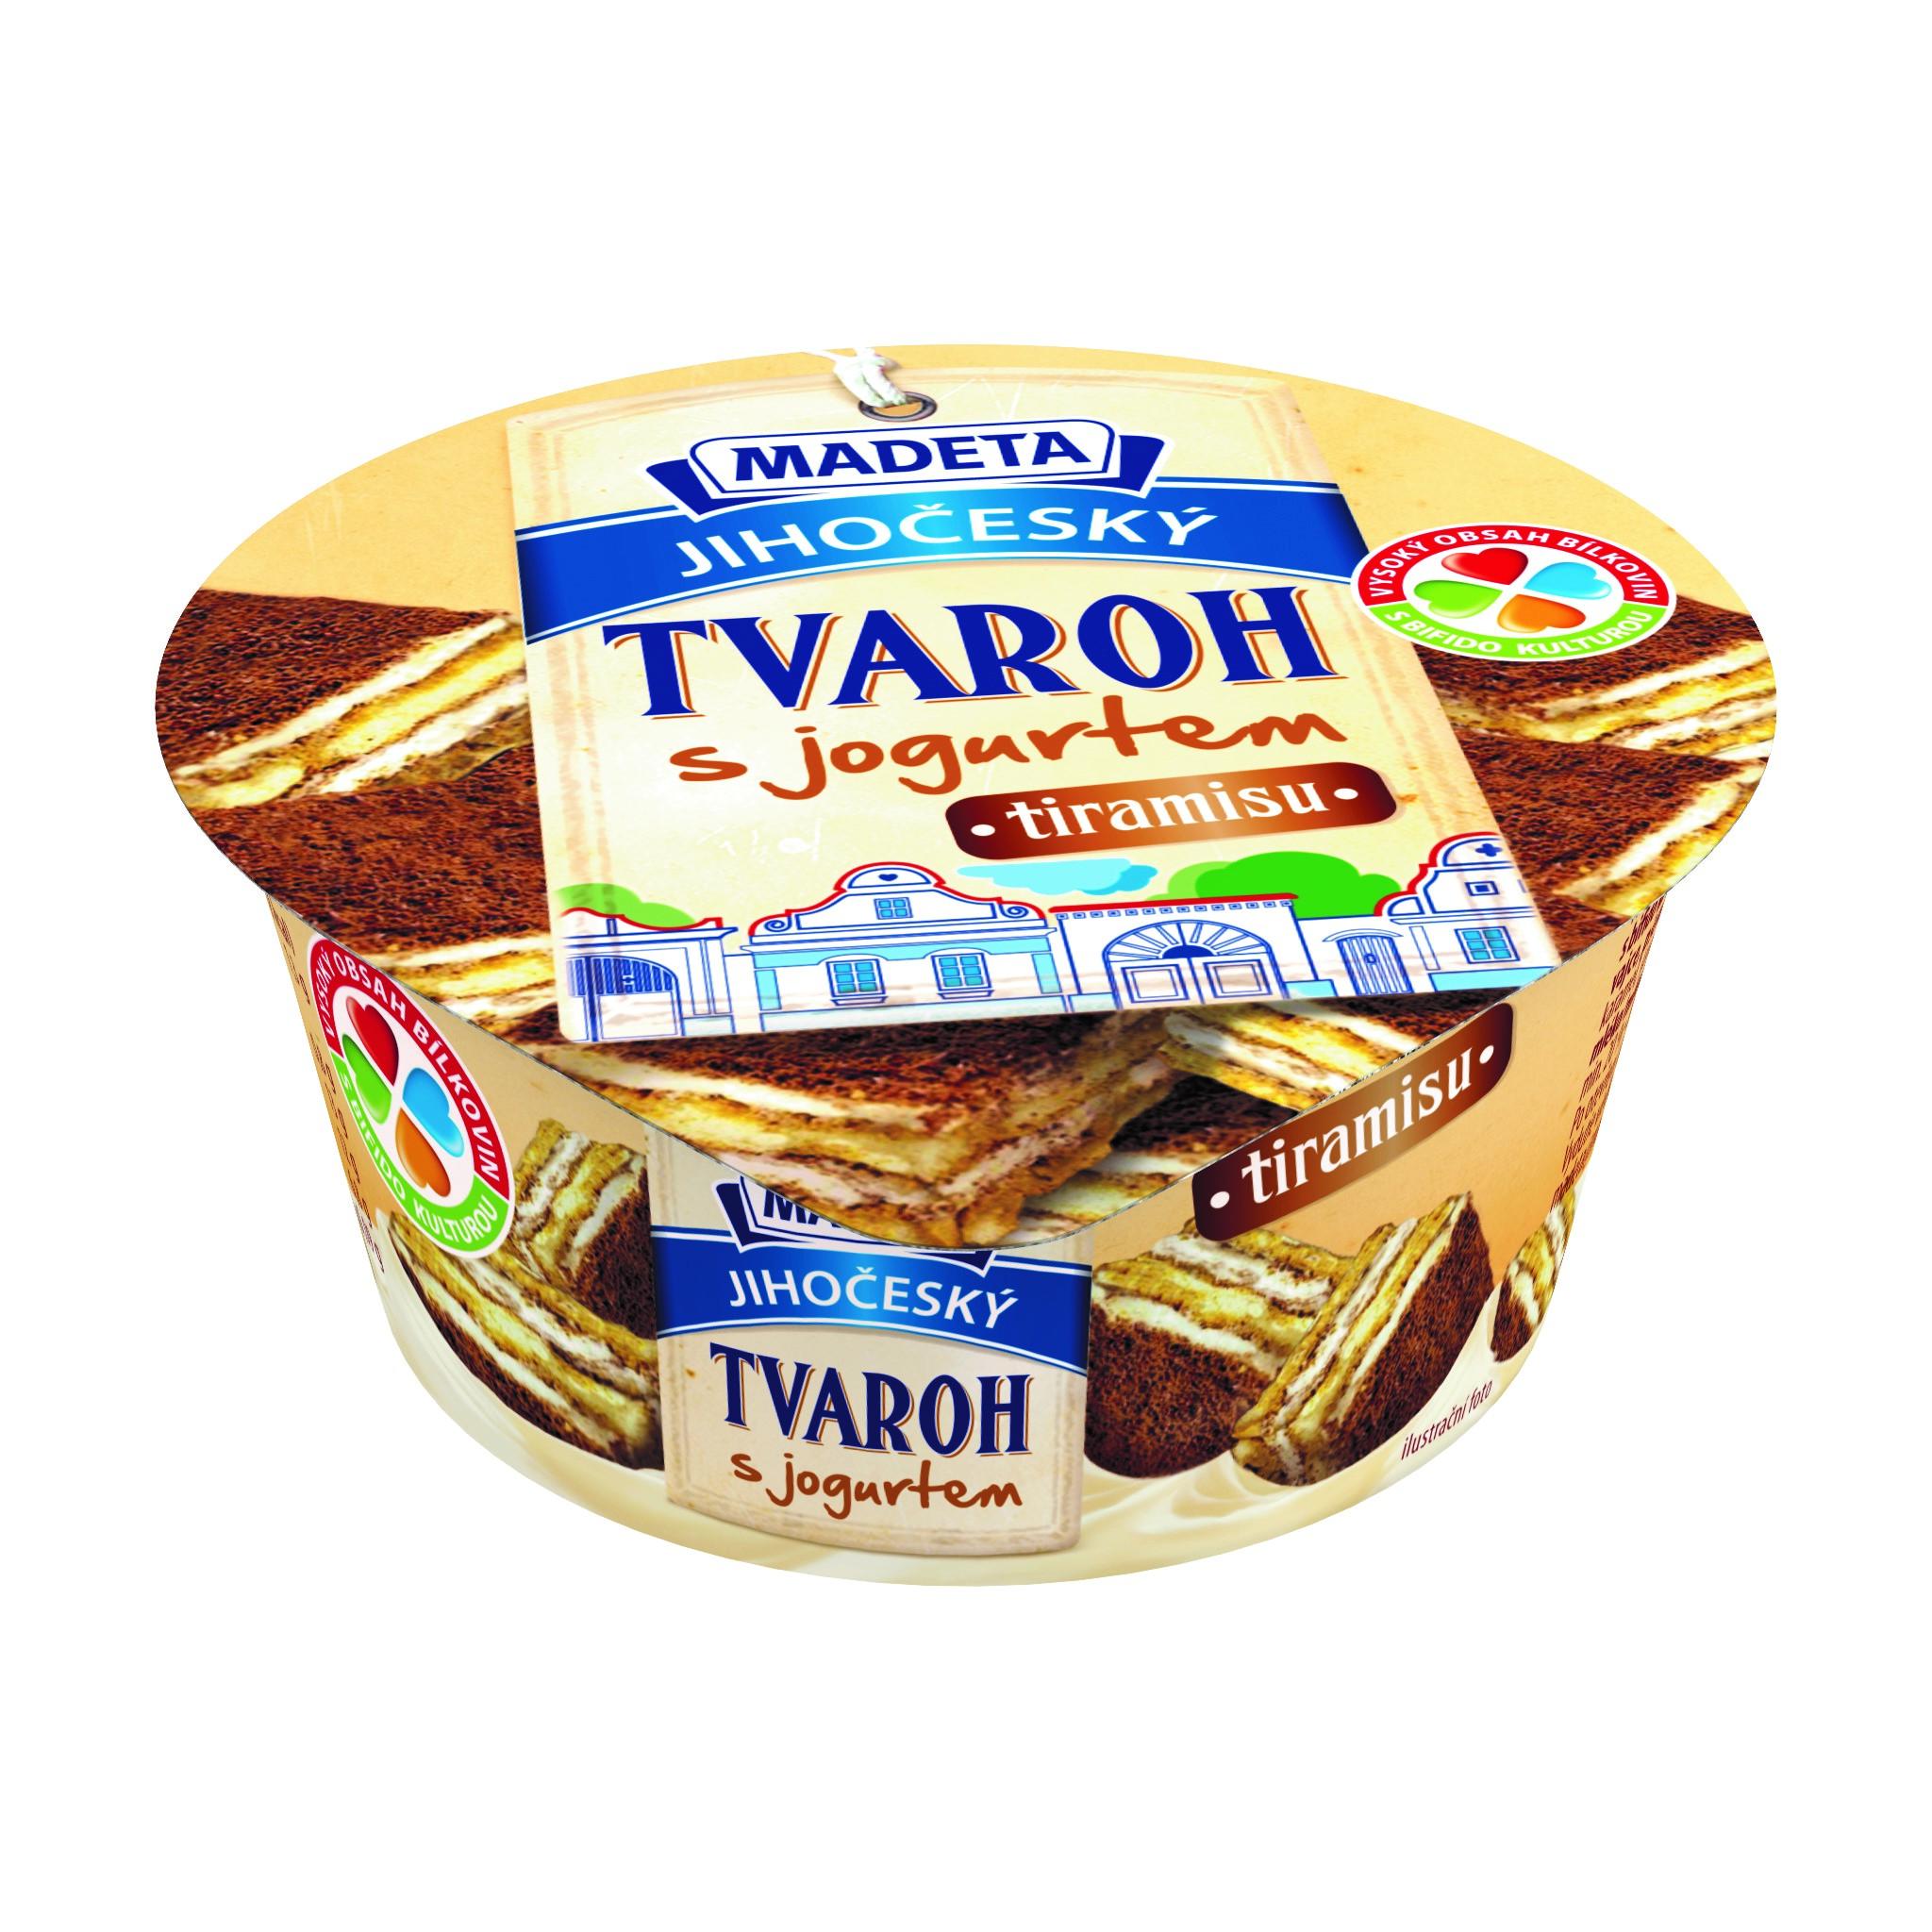 Značka JIhočeský tvaroh s jogurtem tiramisu